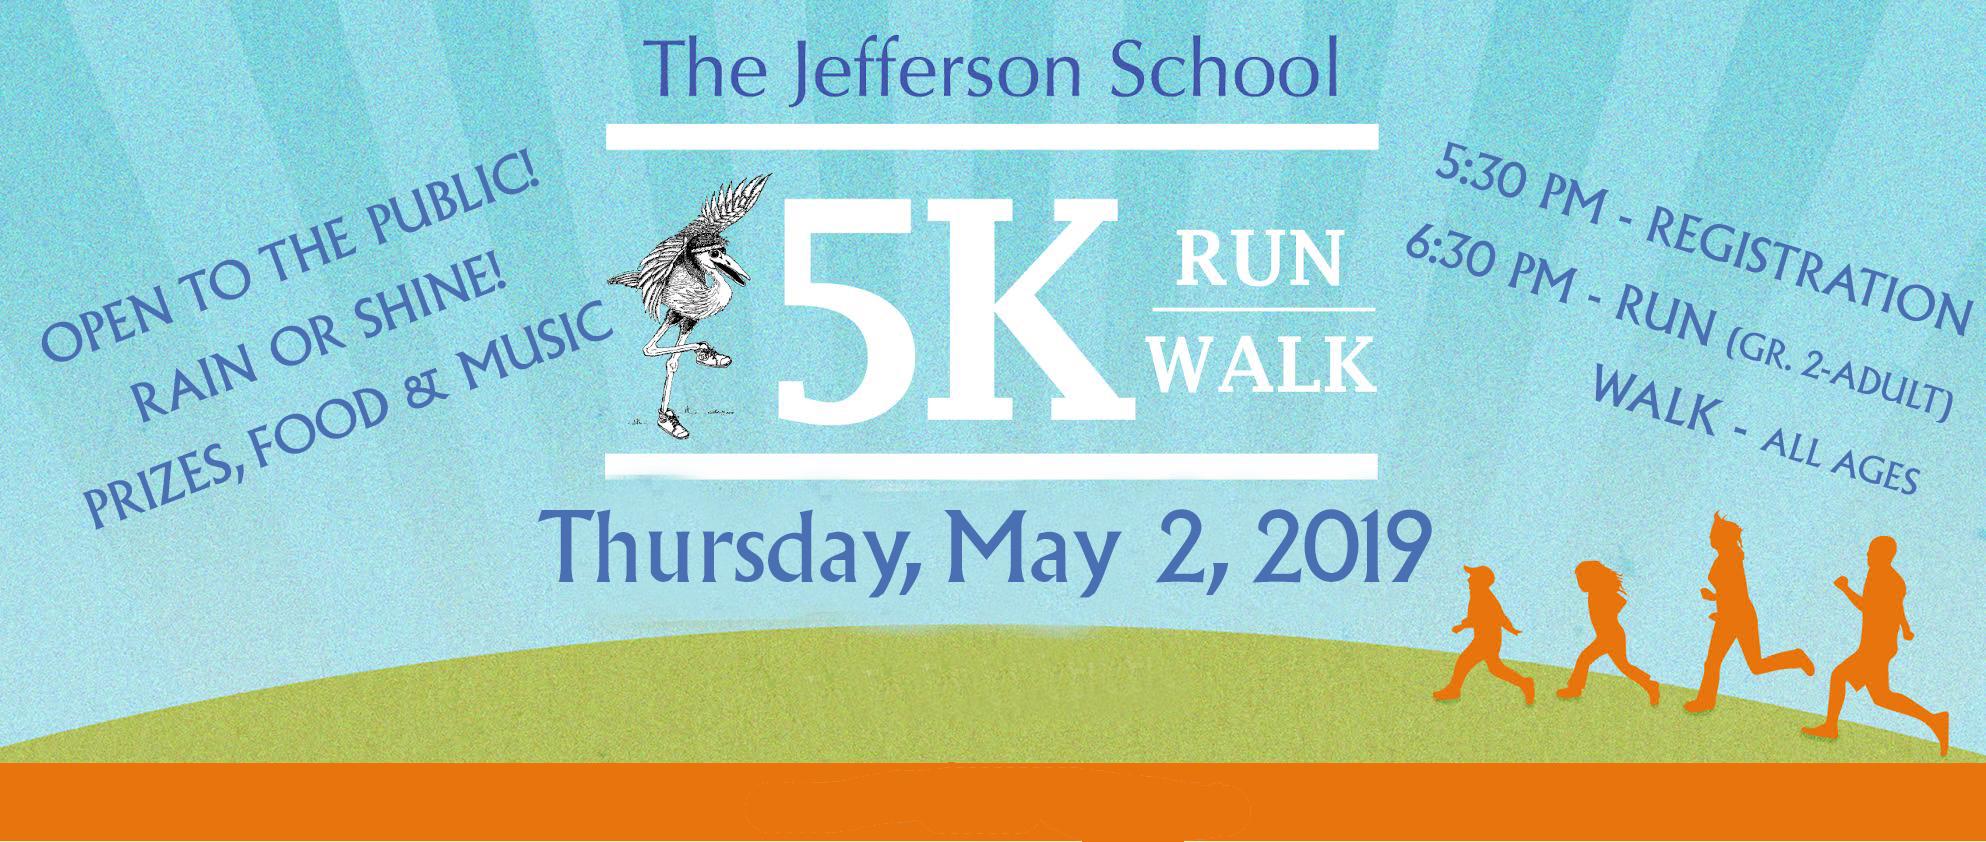 TJS 5K Run/Walk